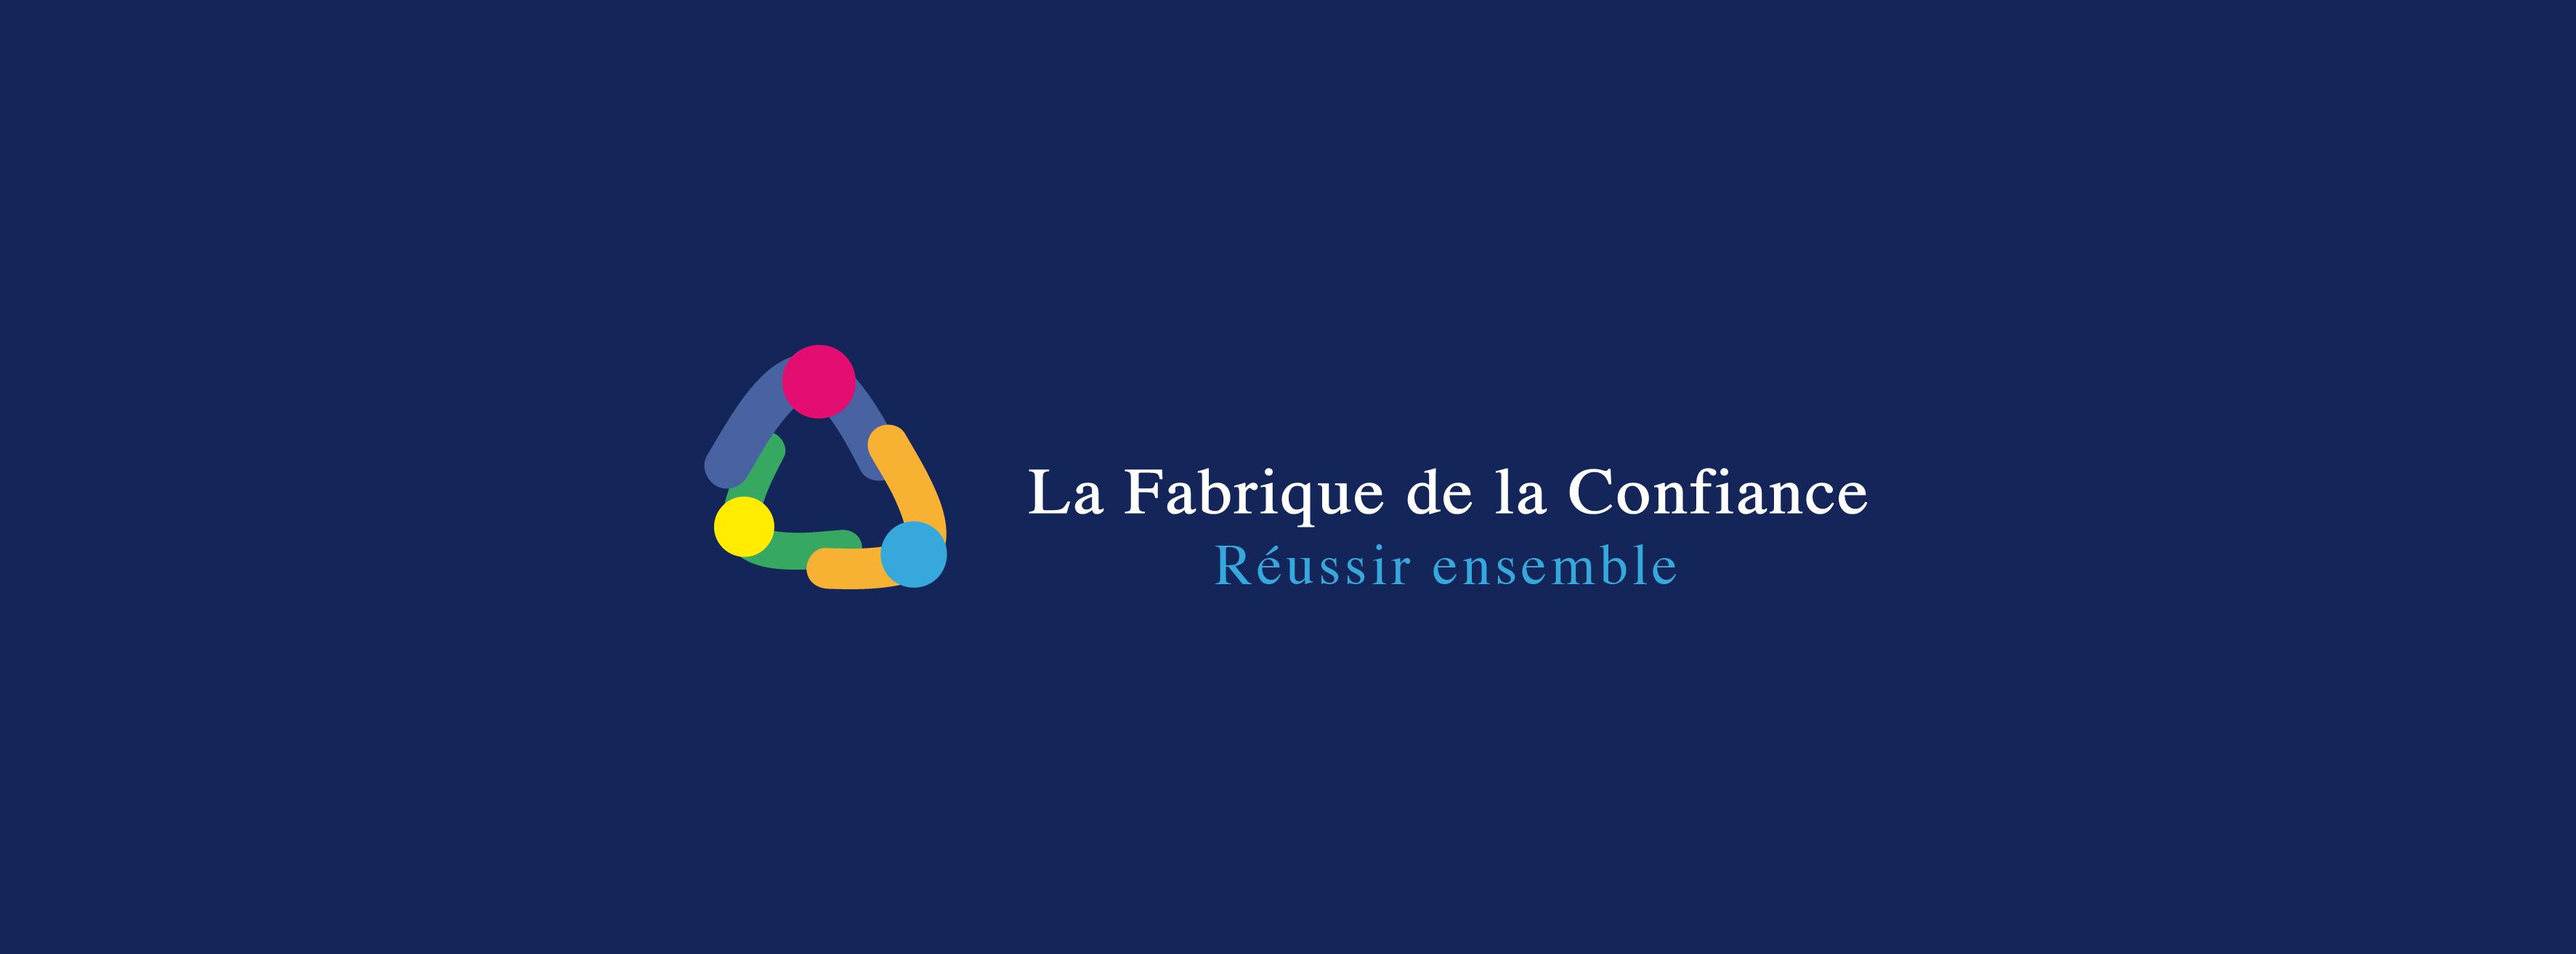 BANDEAUX-LFDLC-lafabriquedelaconfiance-01